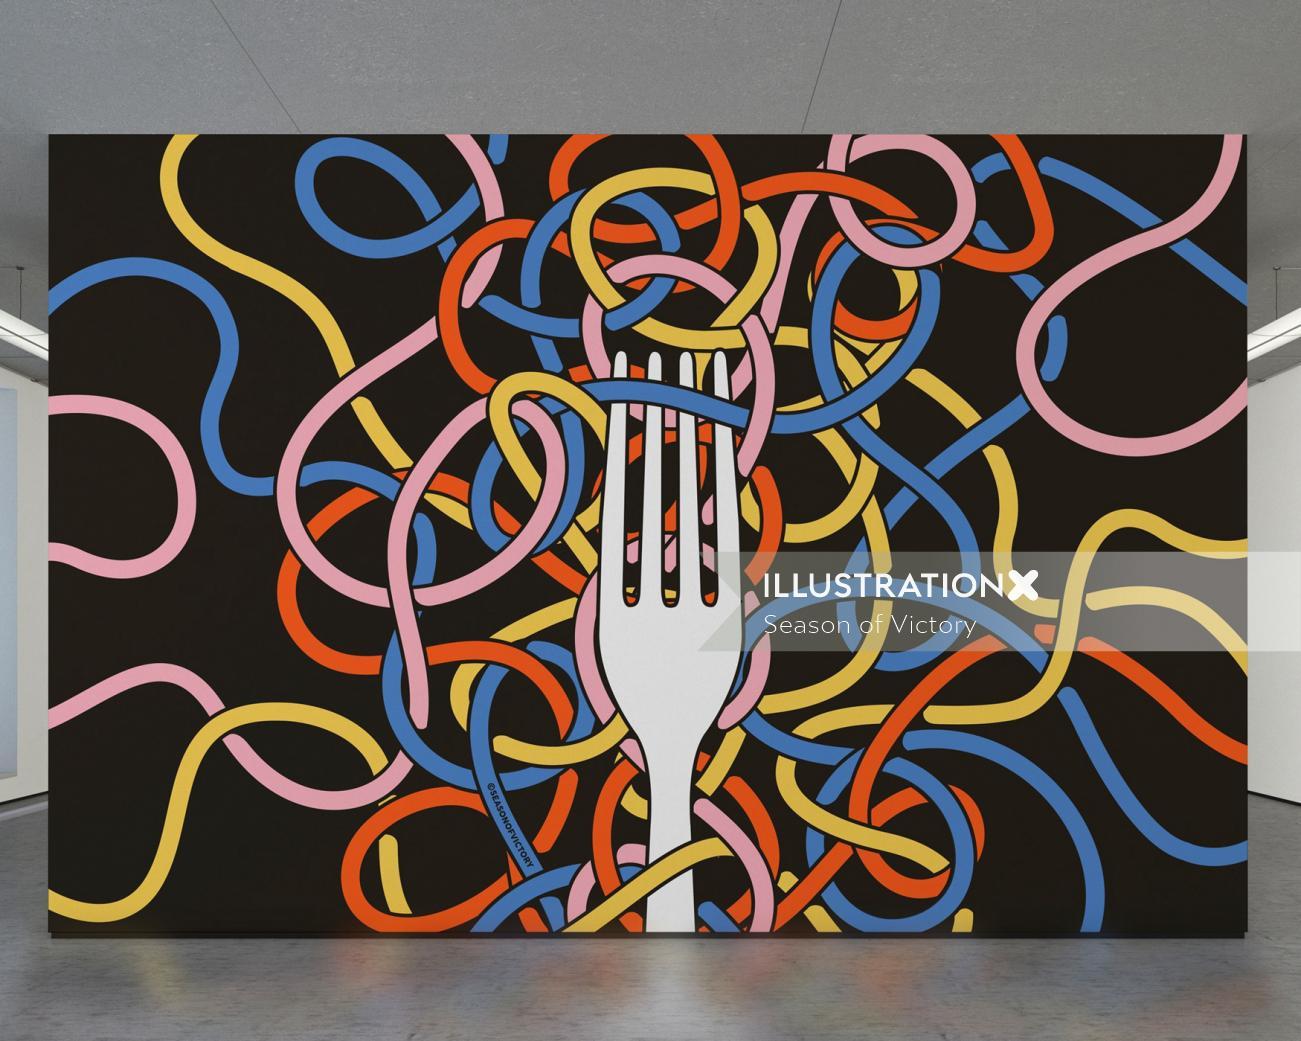 Restaurant themed illustration for interior for magazine cover